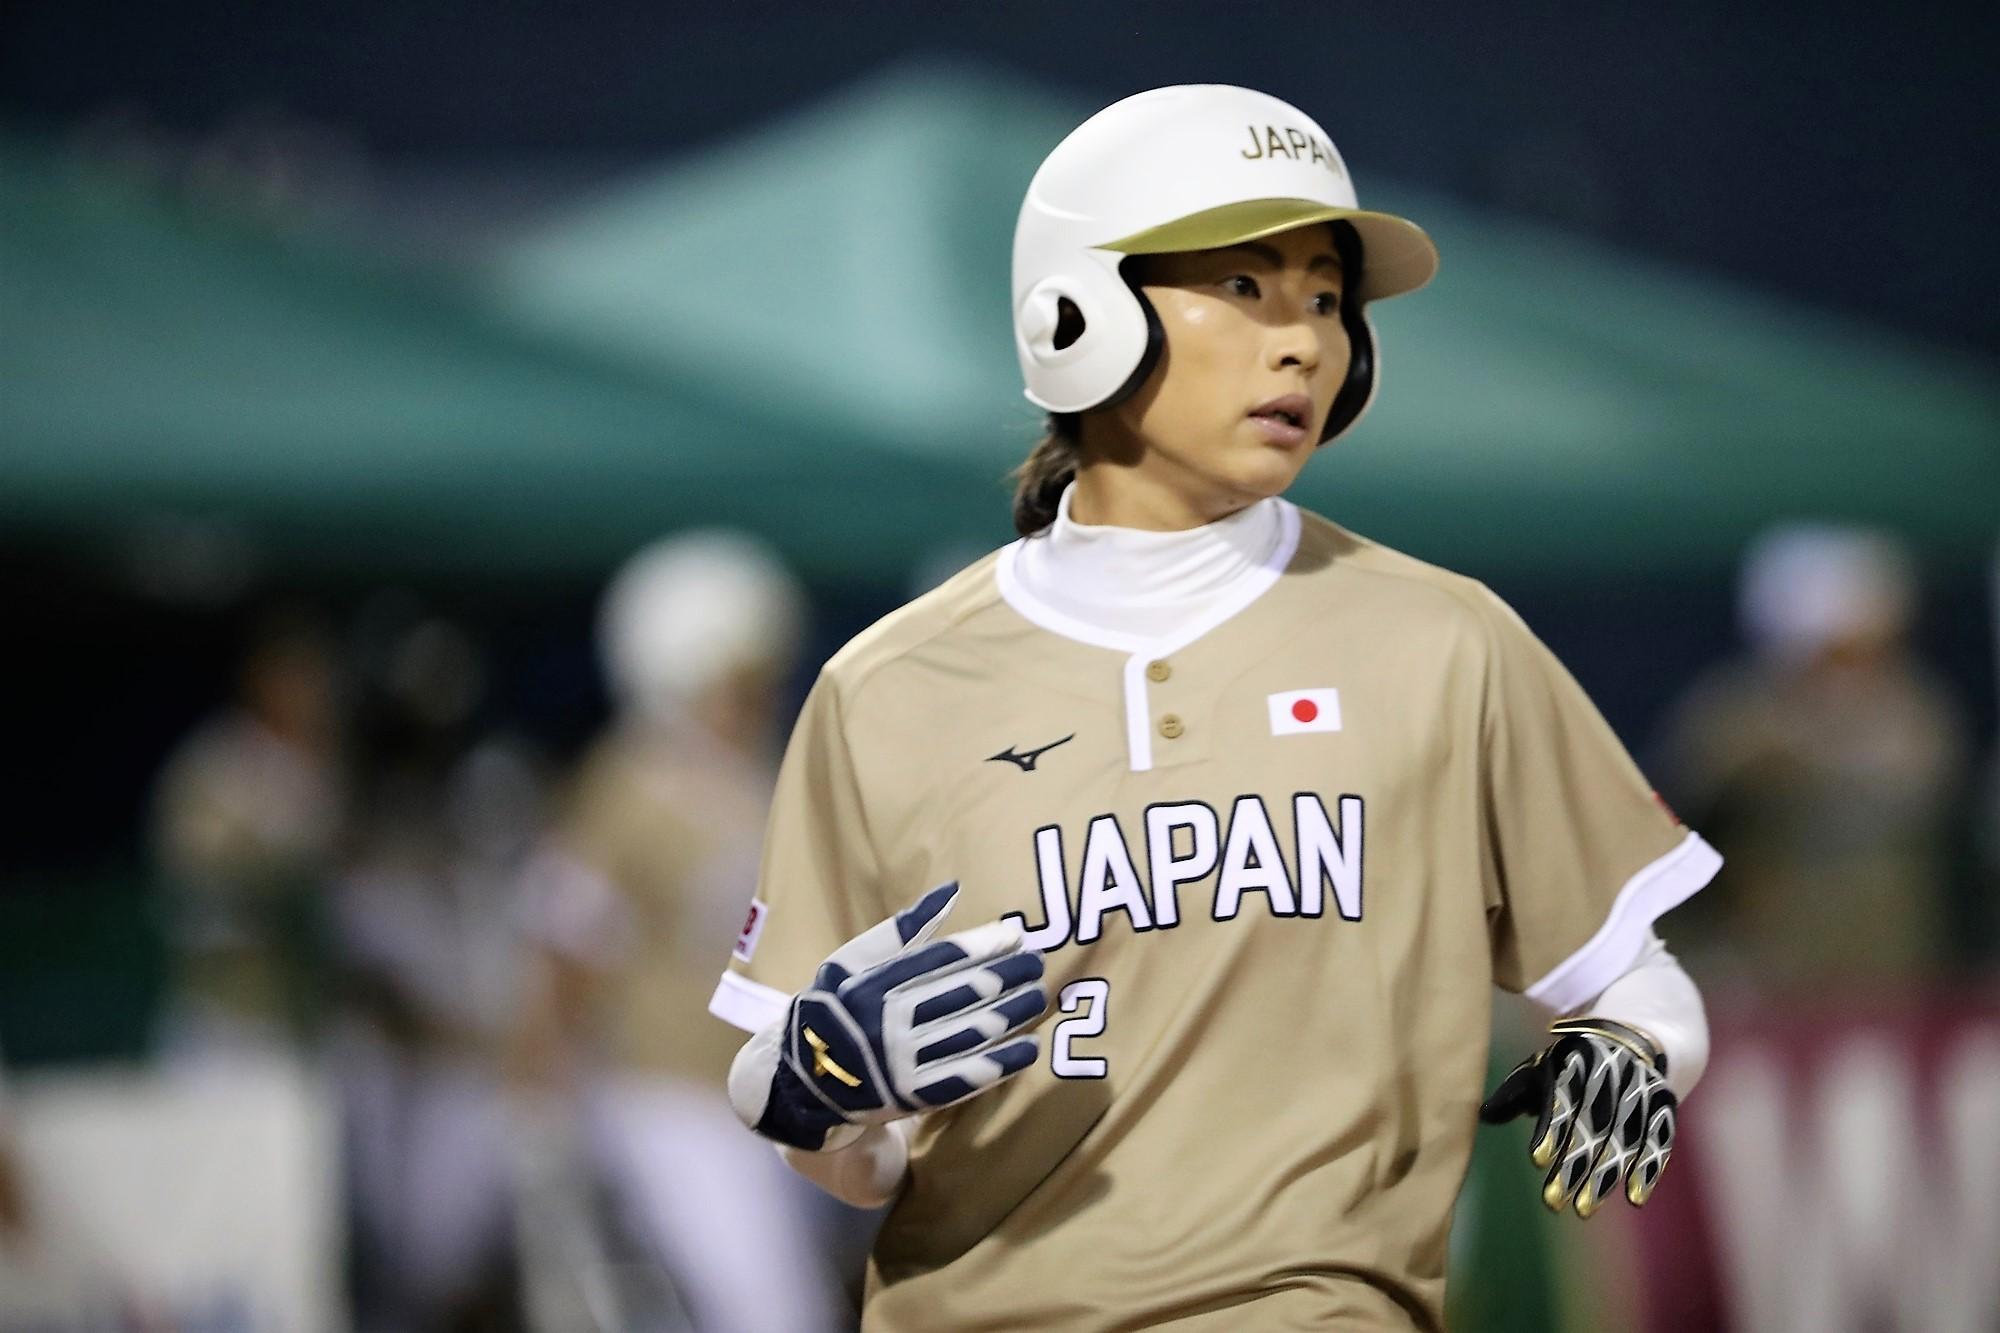 Saki Yamazaki, speed and power